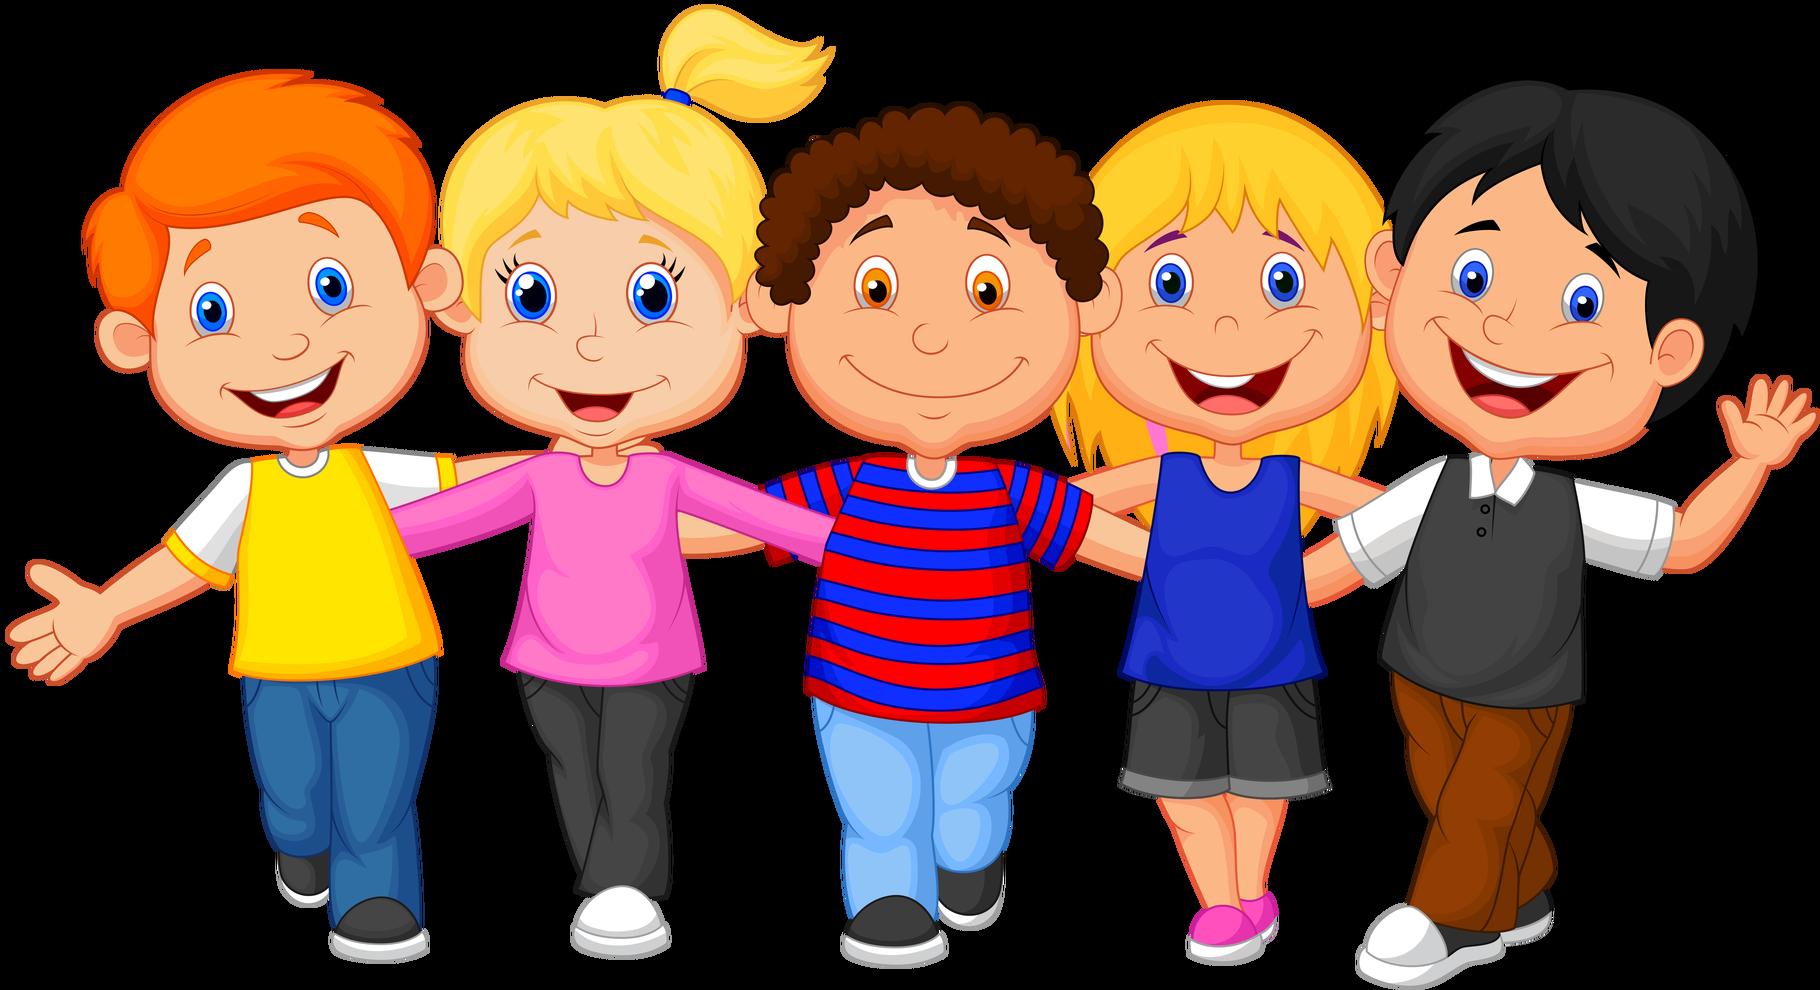 Друзья картинки для детей